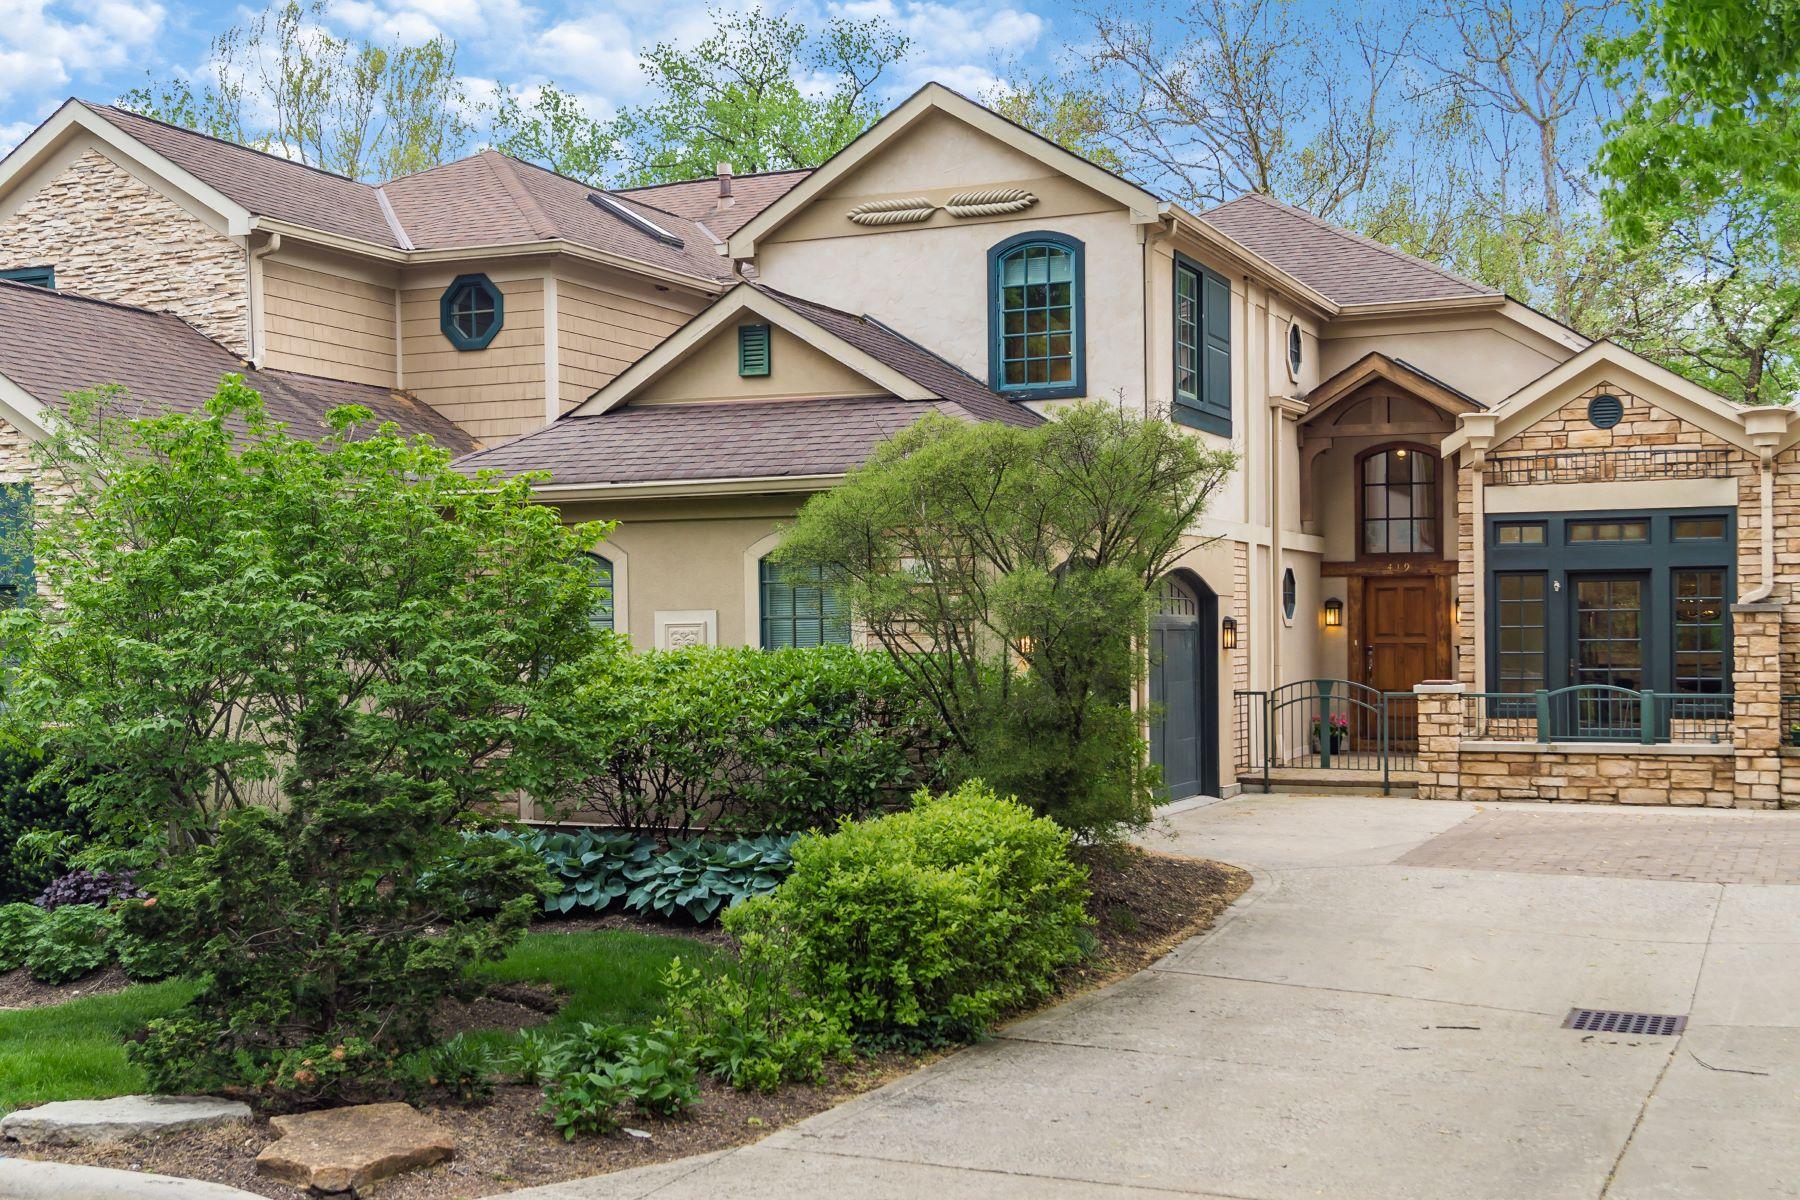 Condominiums for Sale at 419 Westland Avenue Bexley, Ohio 43209 United States